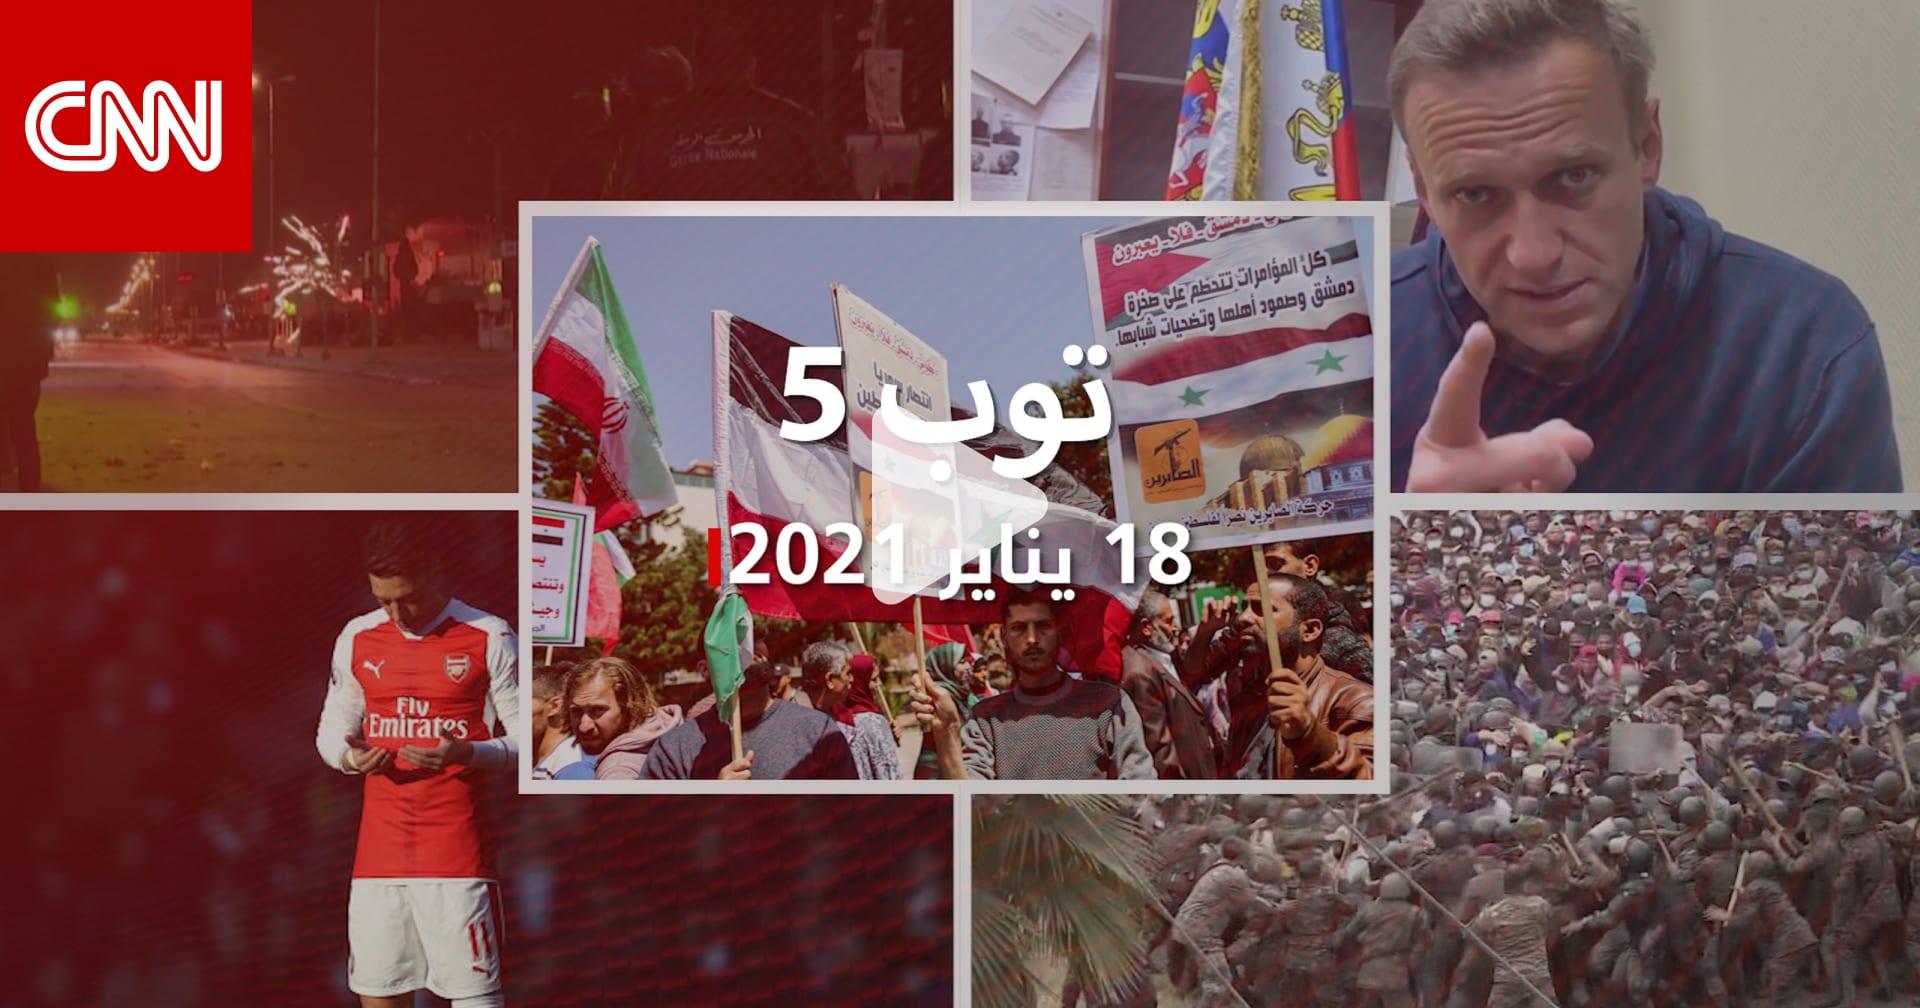 توب 5: سوريا تنفي عقد لقاءات مع إسرائيل.. وعشرات الاعتقالات في تونس